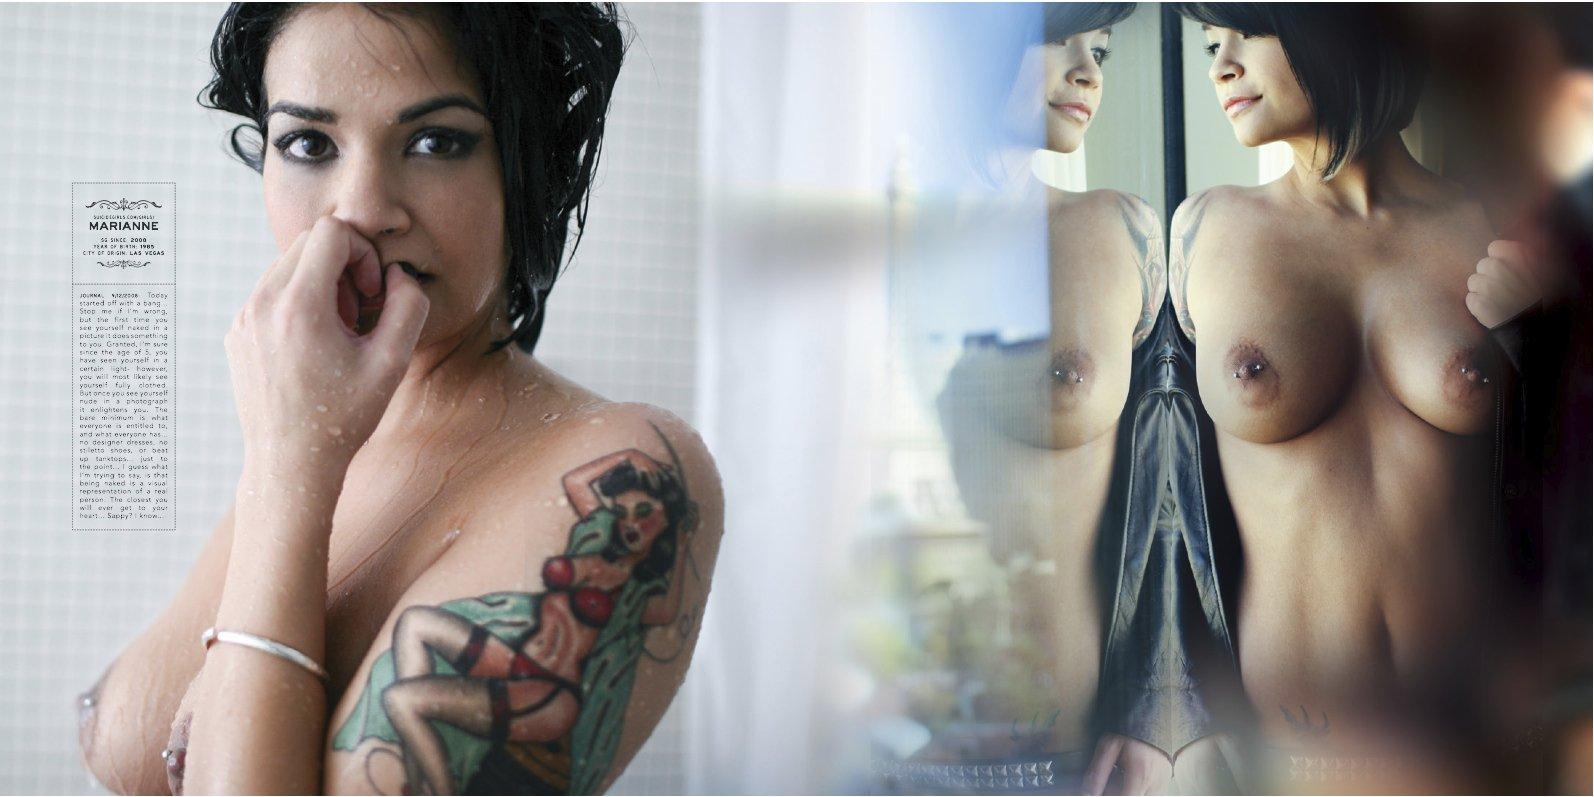 Brooke hogan posing nude